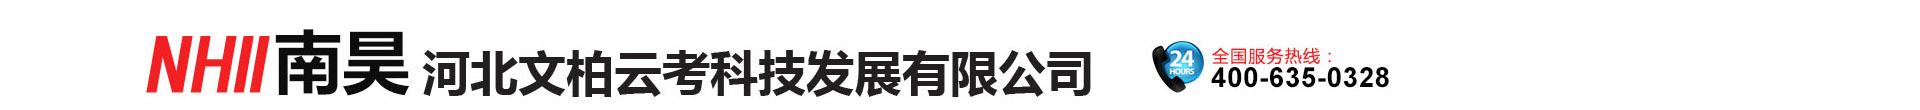 河北文柏云考科技发展有限公司